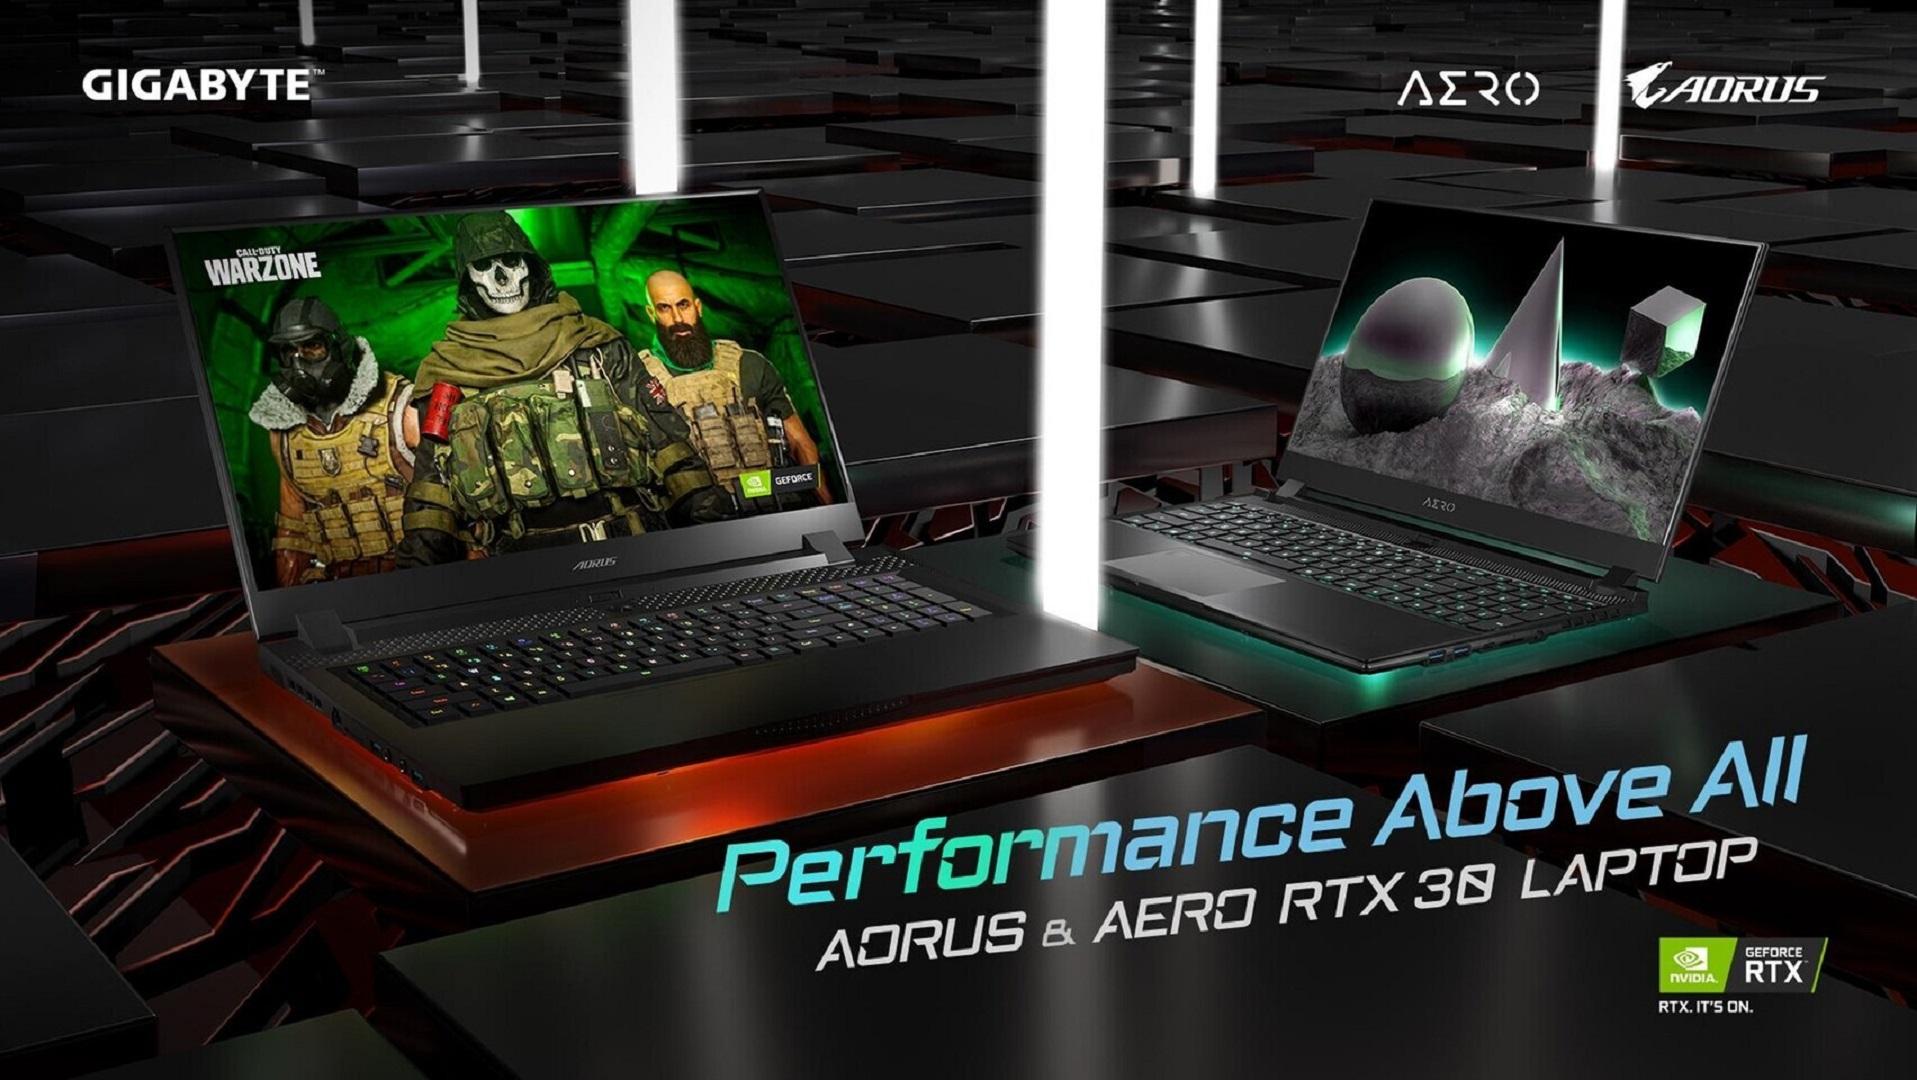 Gigabyte RTX 30 Laptops